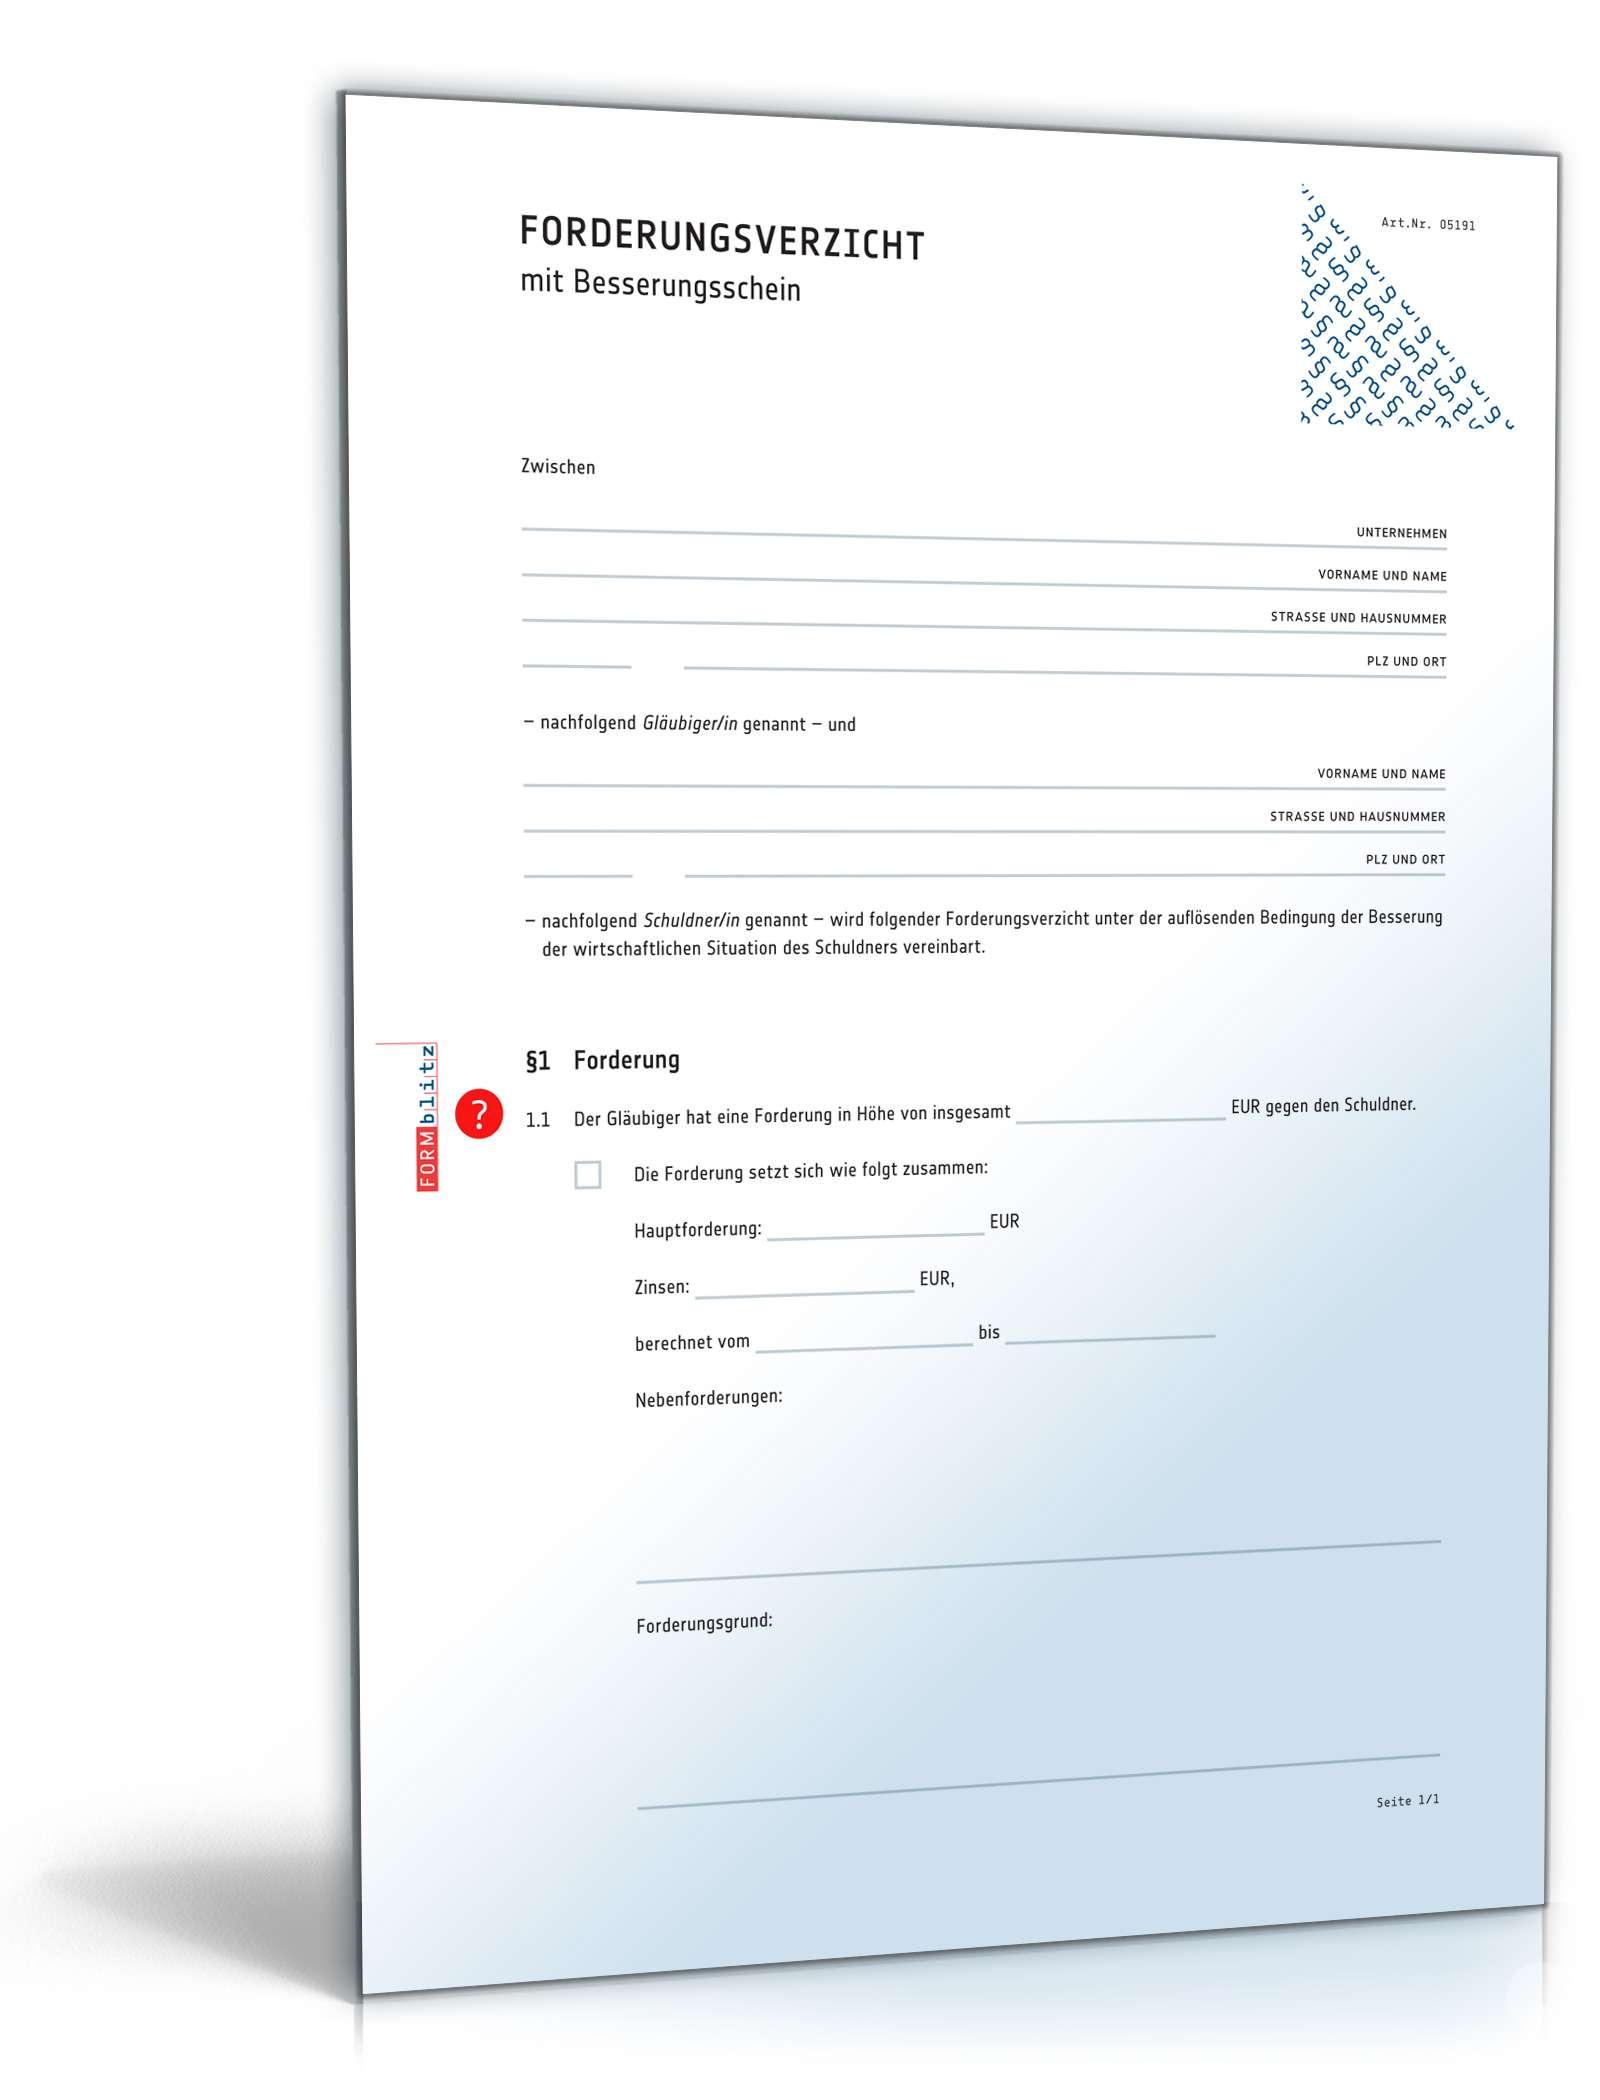 Musterbriefe Gläubiger : Forderungsverzicht mit besserungsschein vorlage zum download